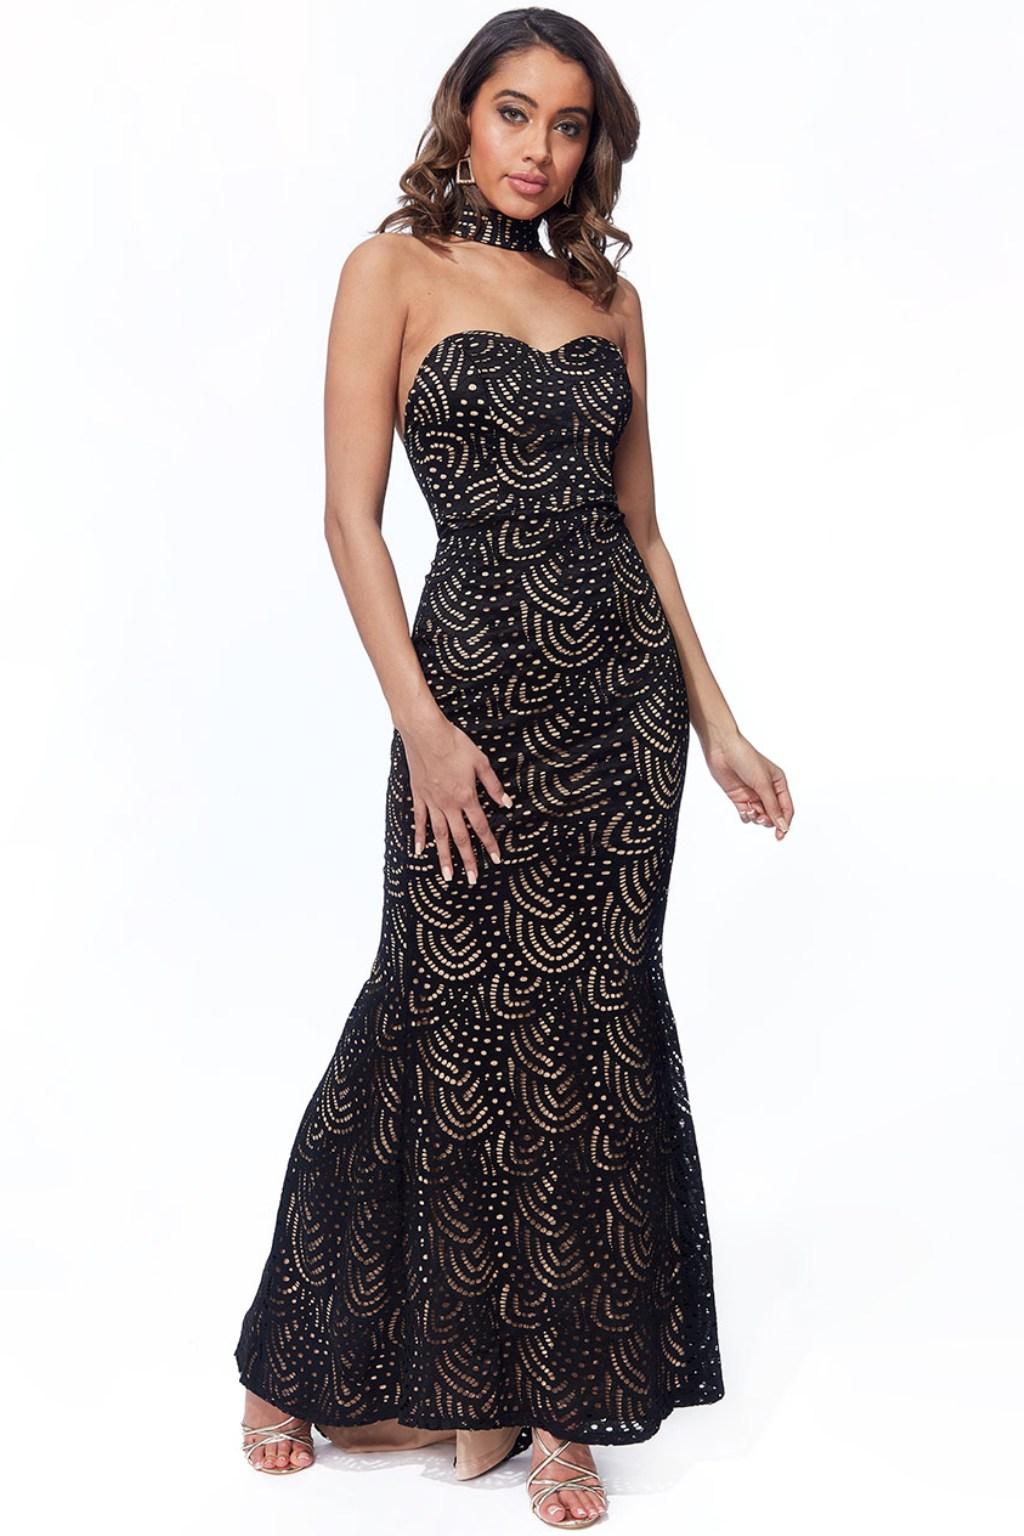 Čierne priliehavé spoločenské šaty s odhaleným chrbtom Veľkosť: L